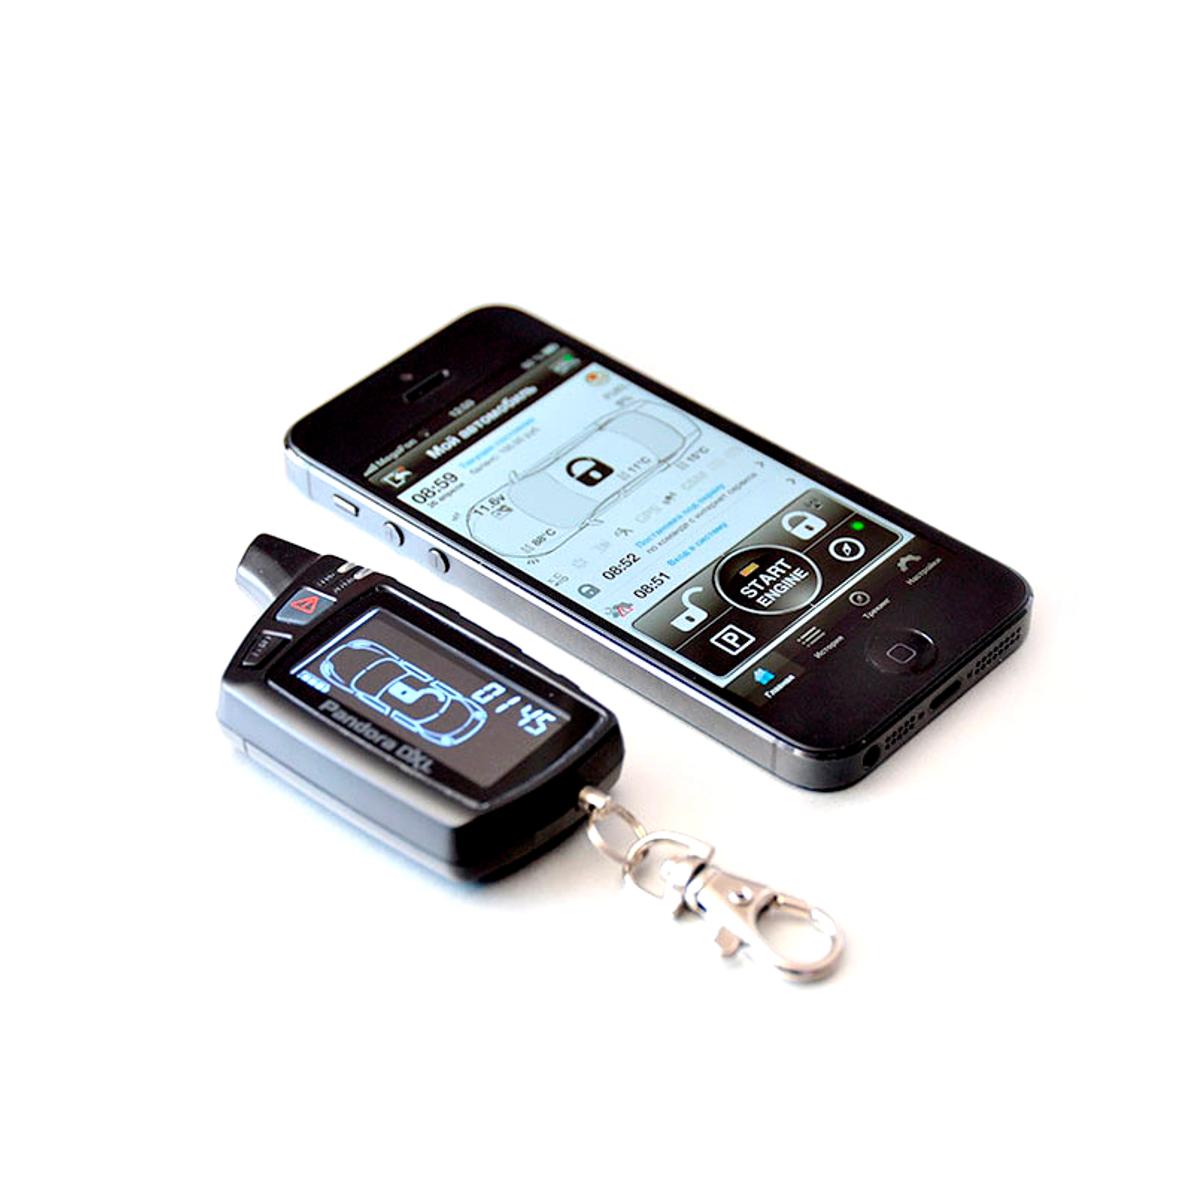 Как сделать автозапуск сигнализации с телефона6